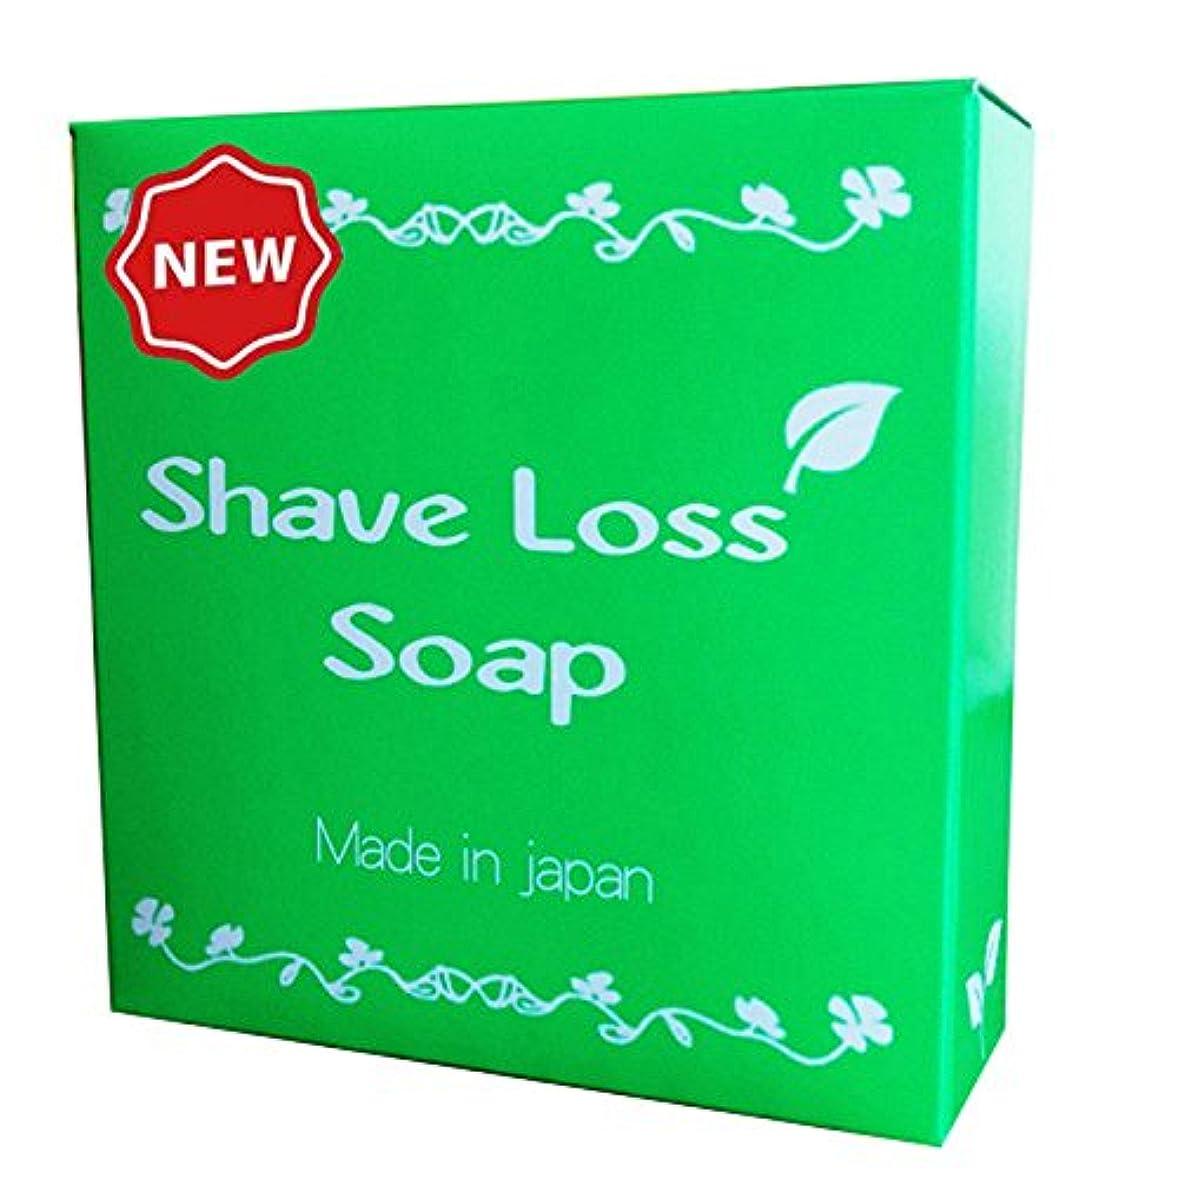 唇詐欺師マッサージ【NEW】Shave Loss Soap 女性の願いを叶える 石鹸 80g 「ダイズ種子エキス」 「ラレアディバリカタエキス」大幅増量タイプ